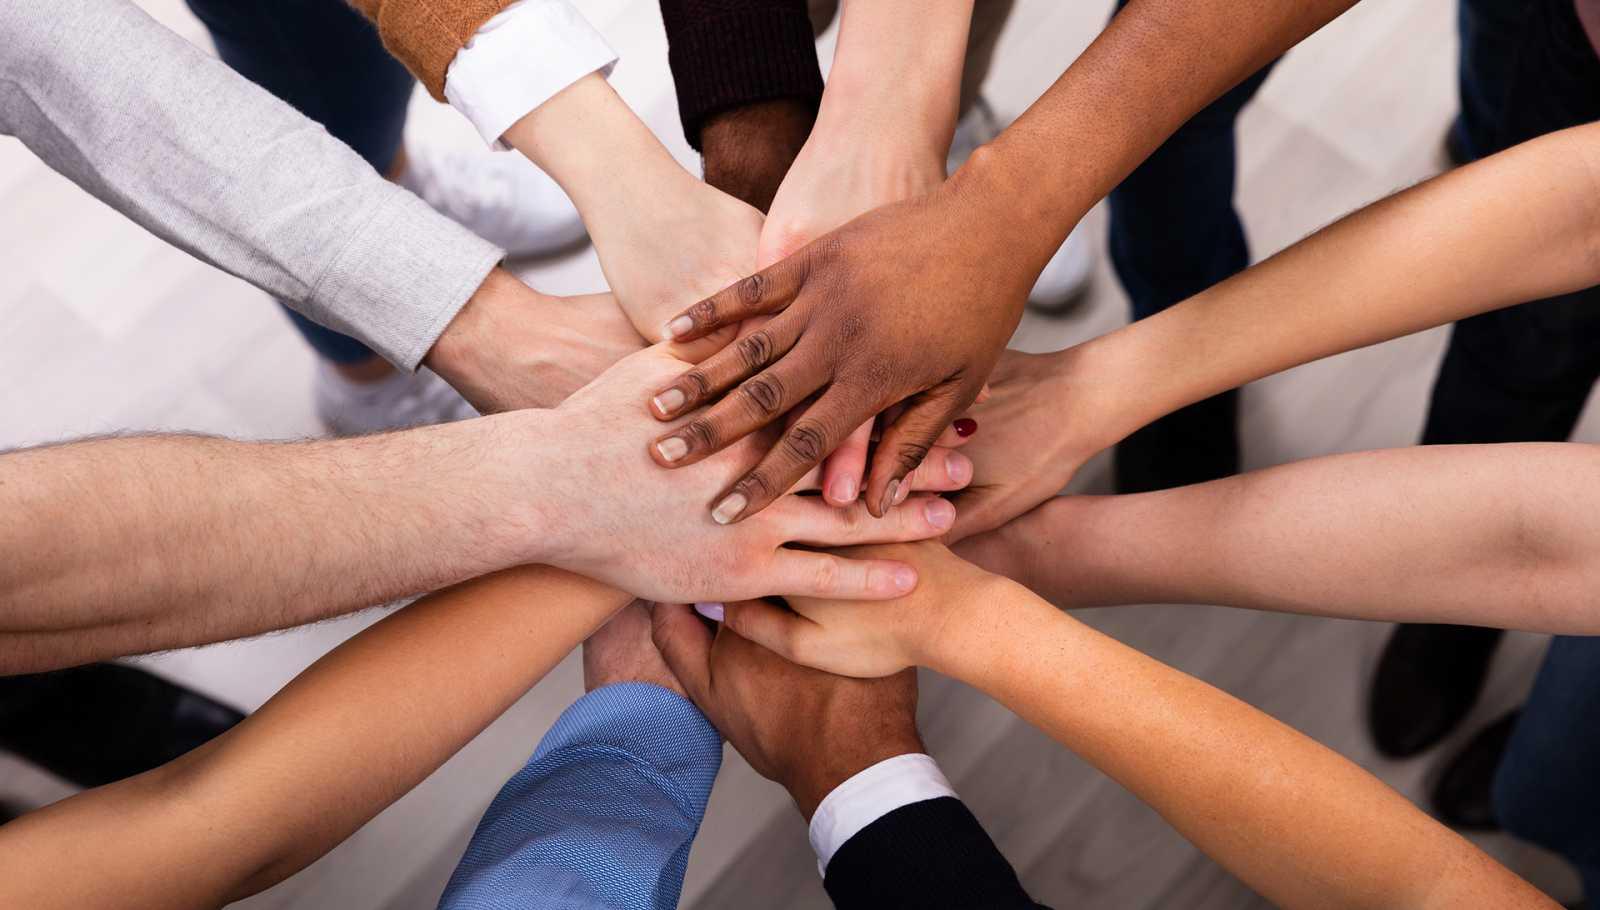 Mundo solidario - Día del Cooperante - 13/09/20 - escuchar ahora